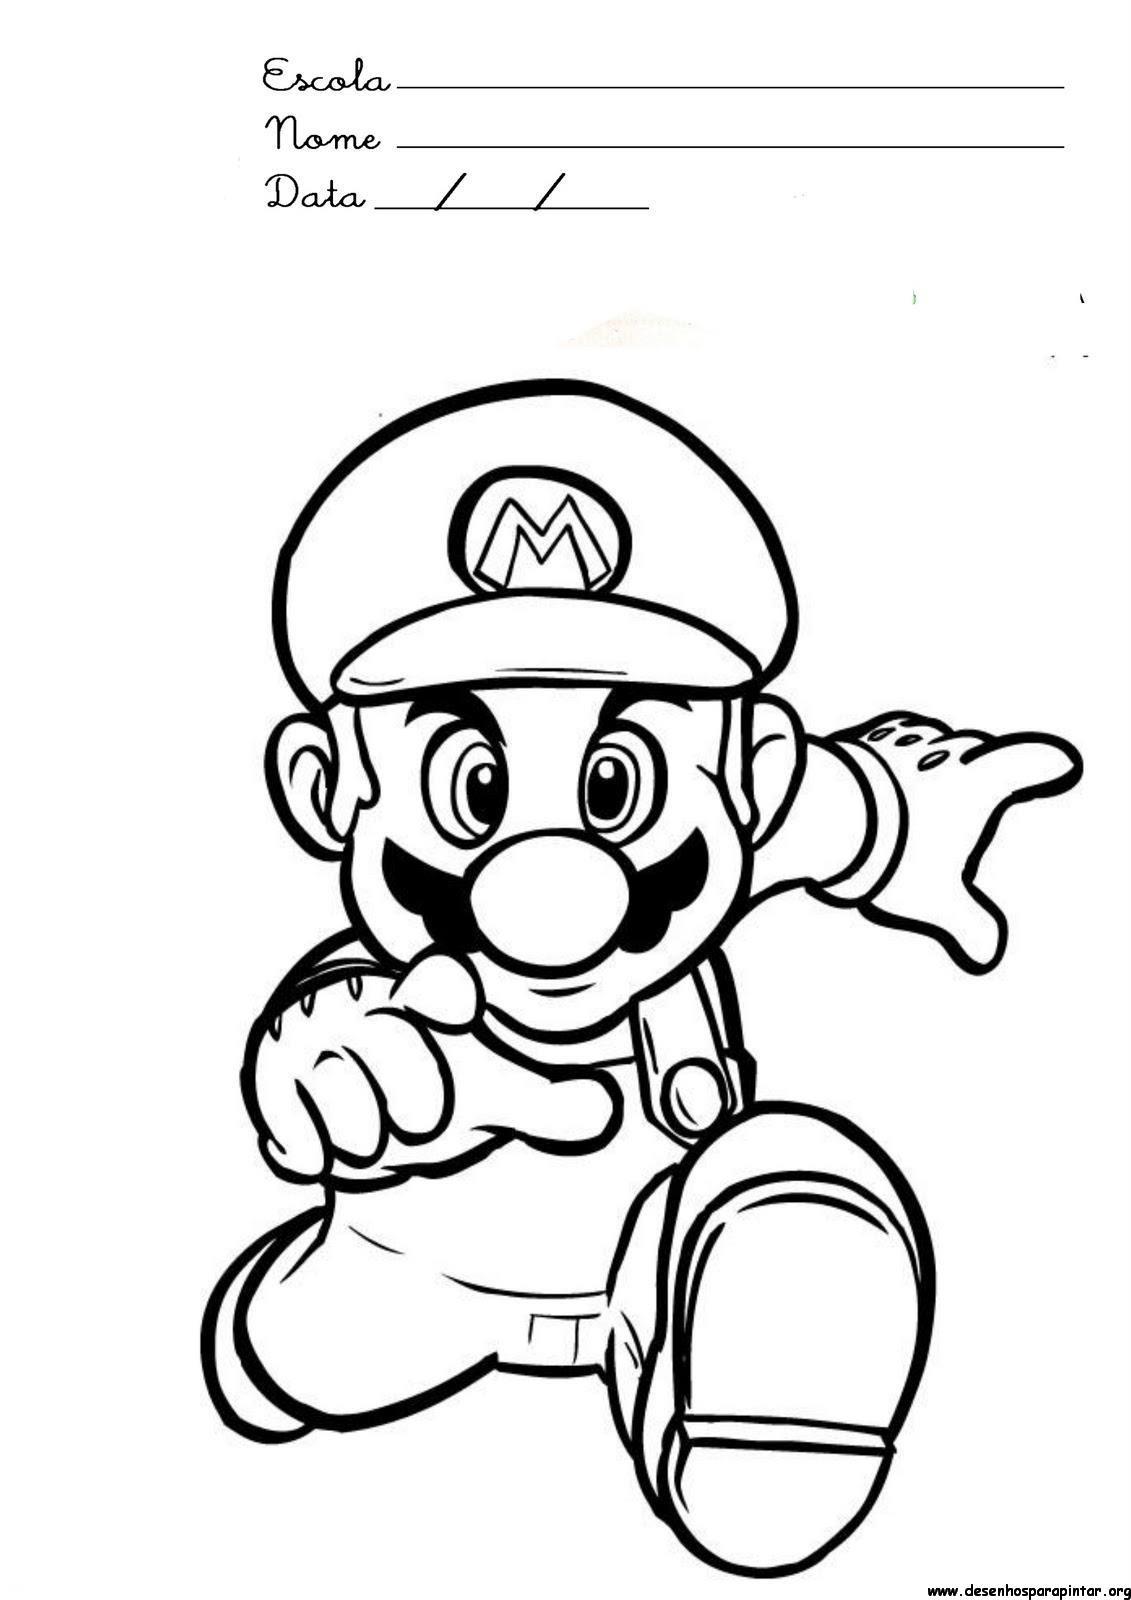 Dorable Mario Y Luigi Para Colorear Imprimibles Patrón - Enmarcado ...